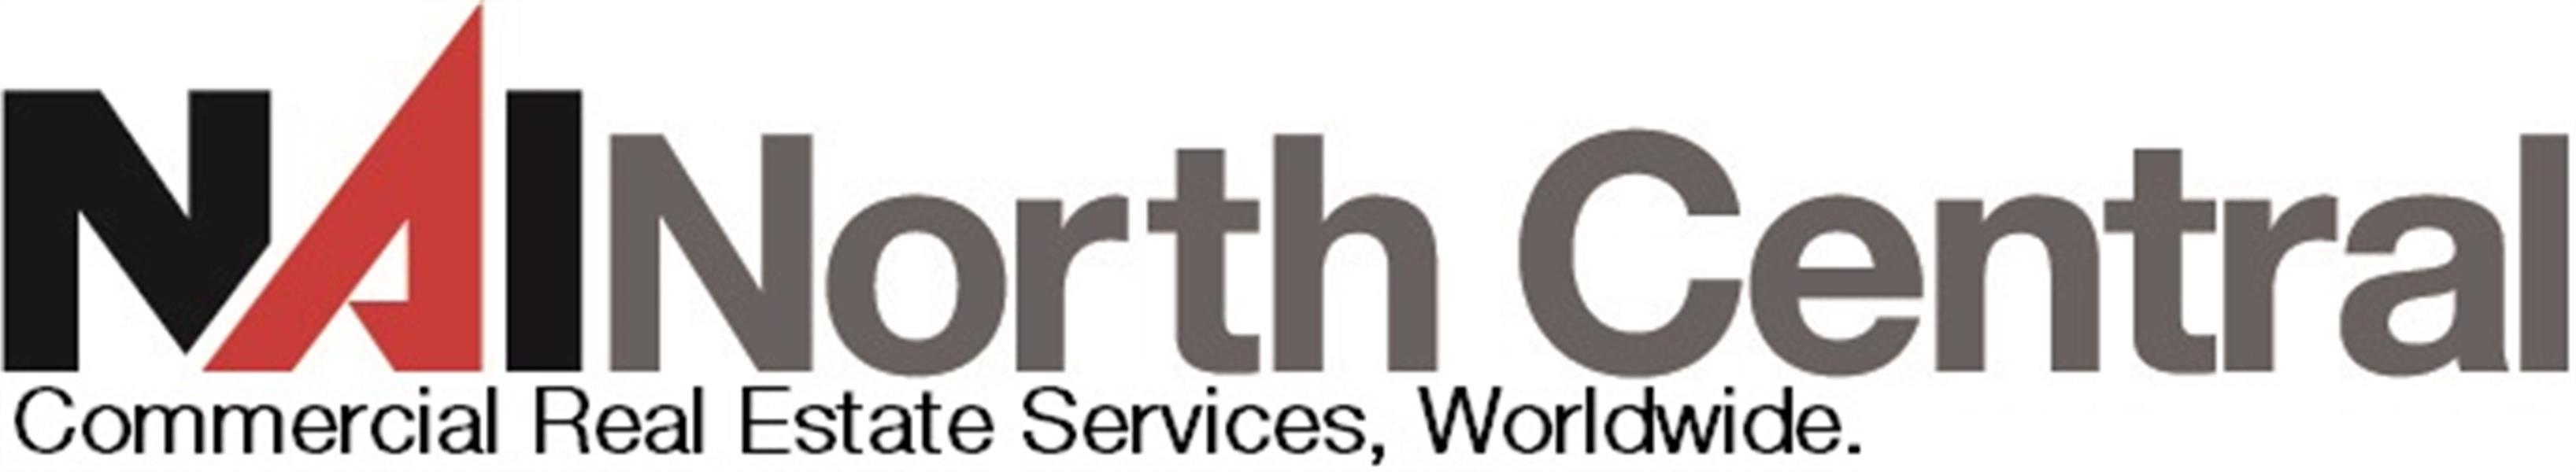 NAI North Central